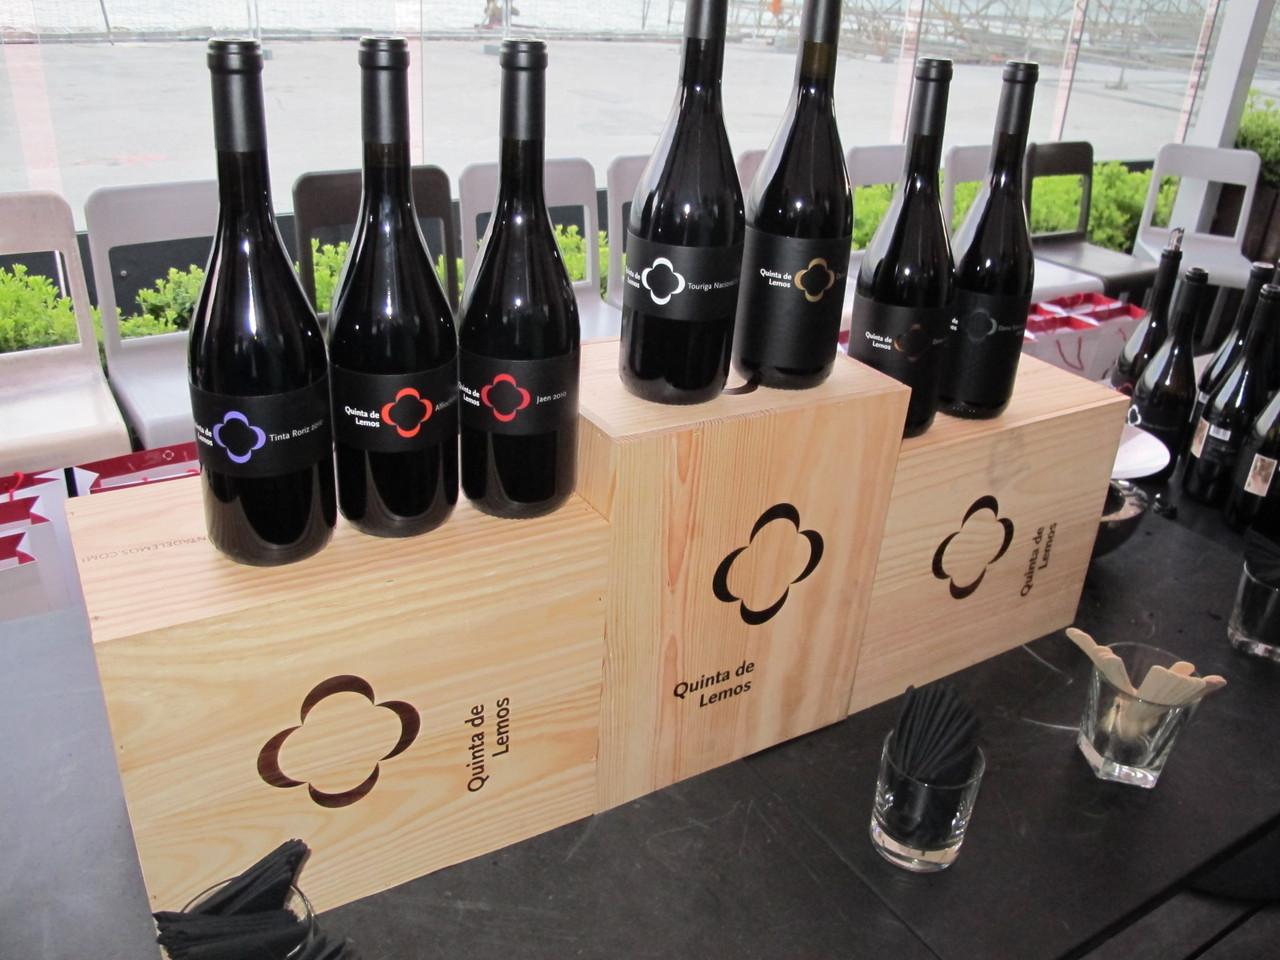 7 novos vinhos